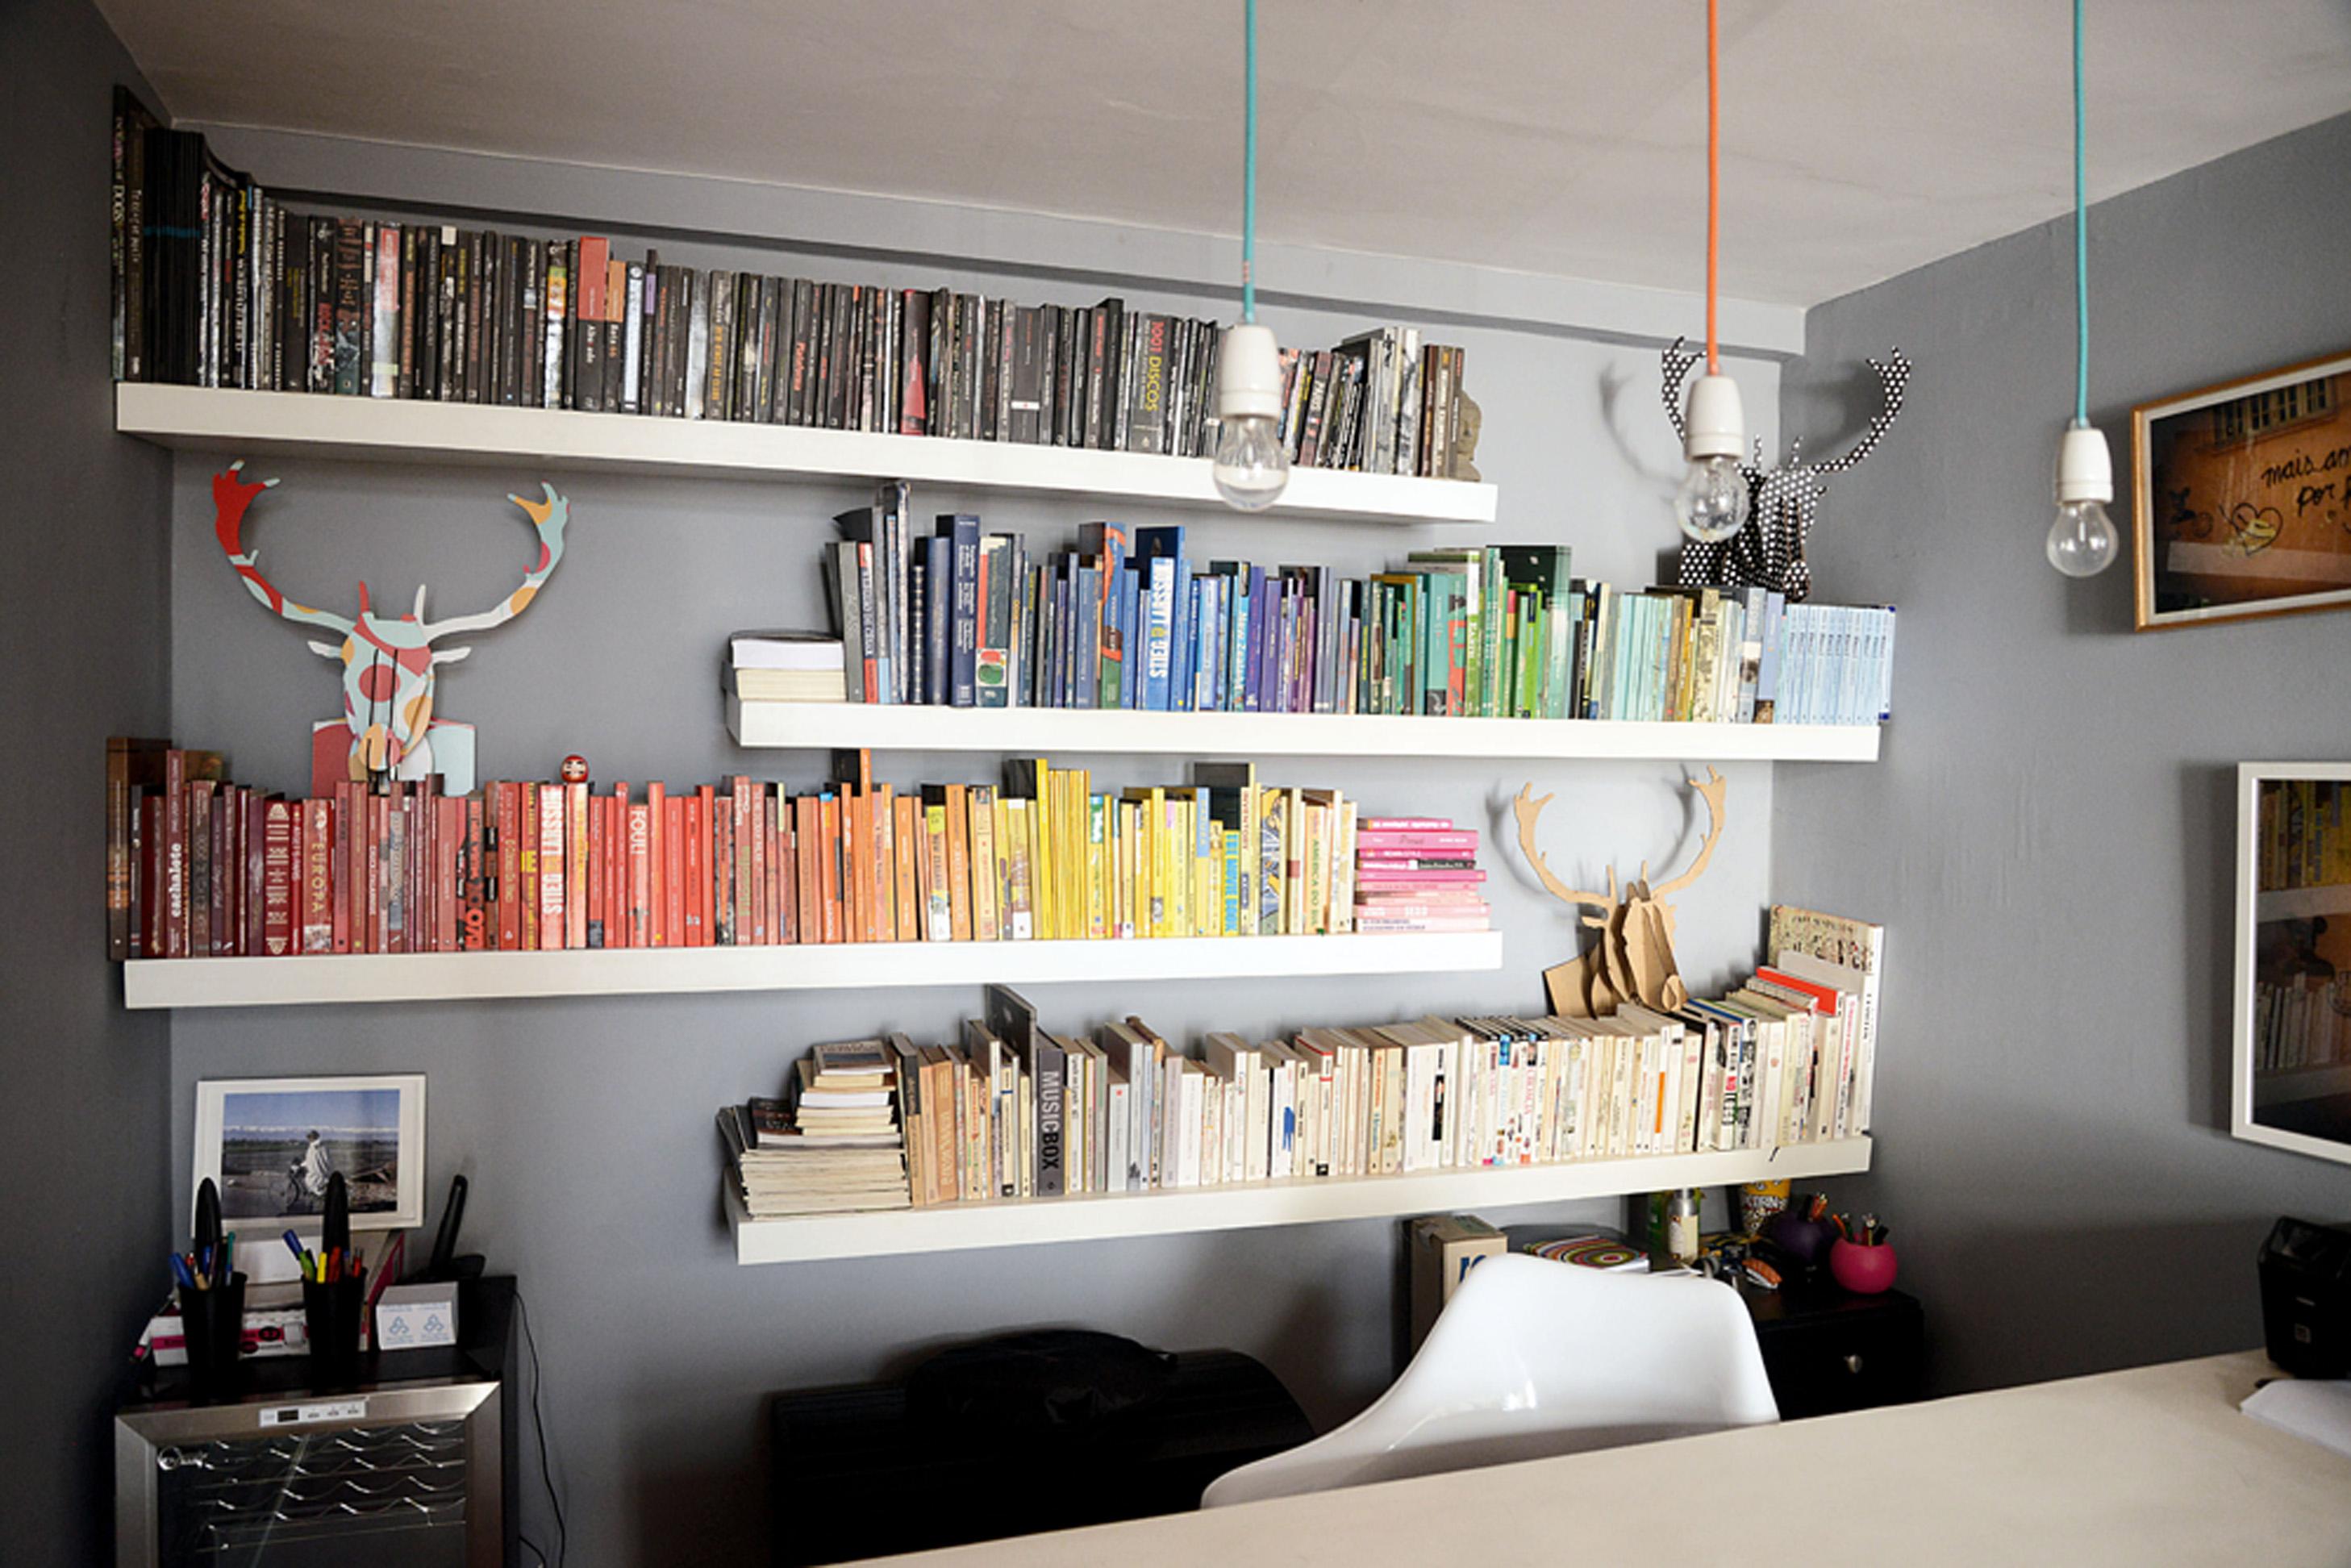 Rainbow: Mariana organizou os livros do escritório por cores, para que se destacassem ainda mais sobre a parede cinza